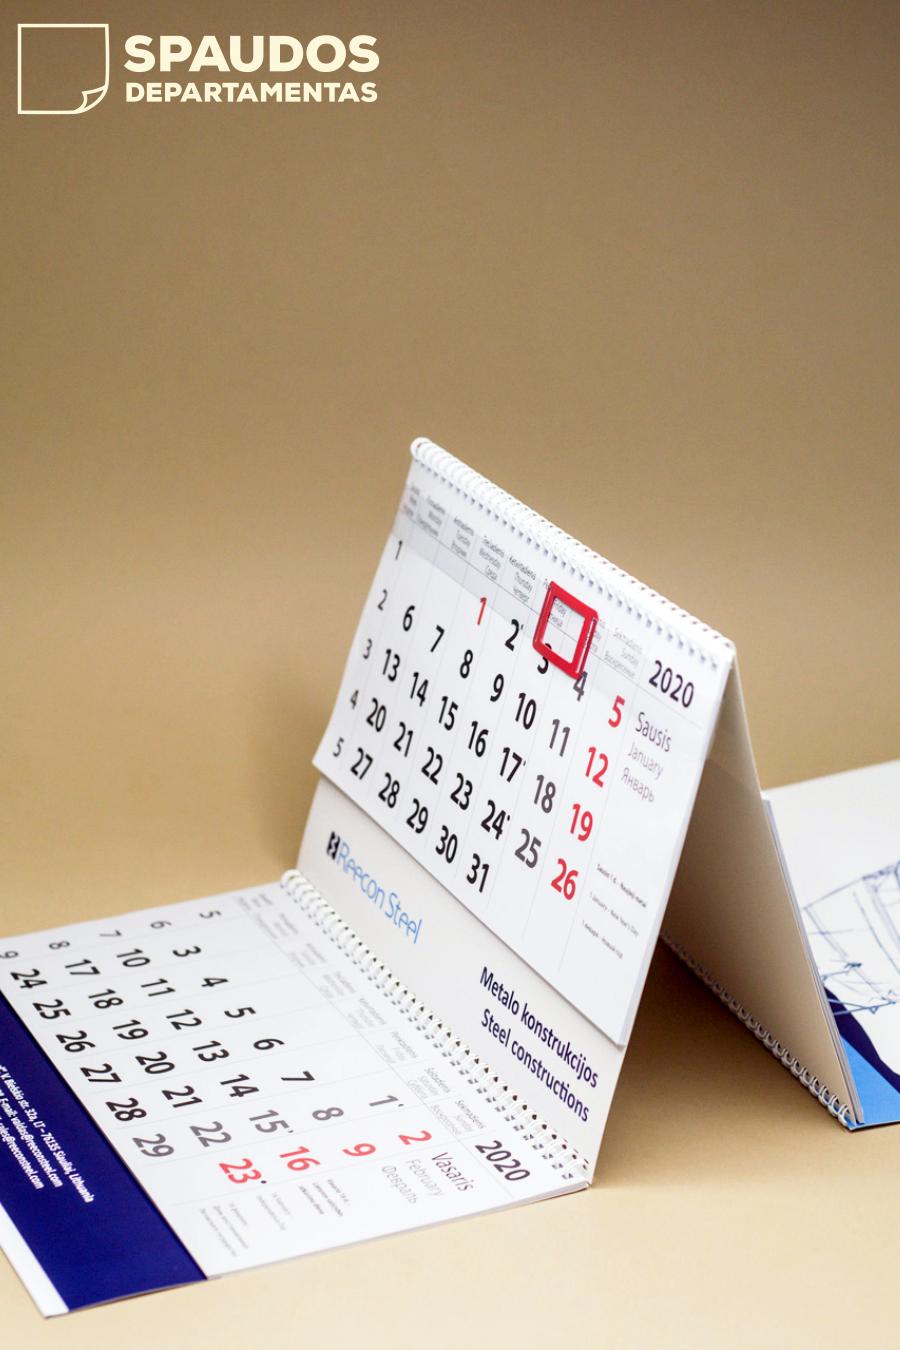 Kalendoriai su spauda